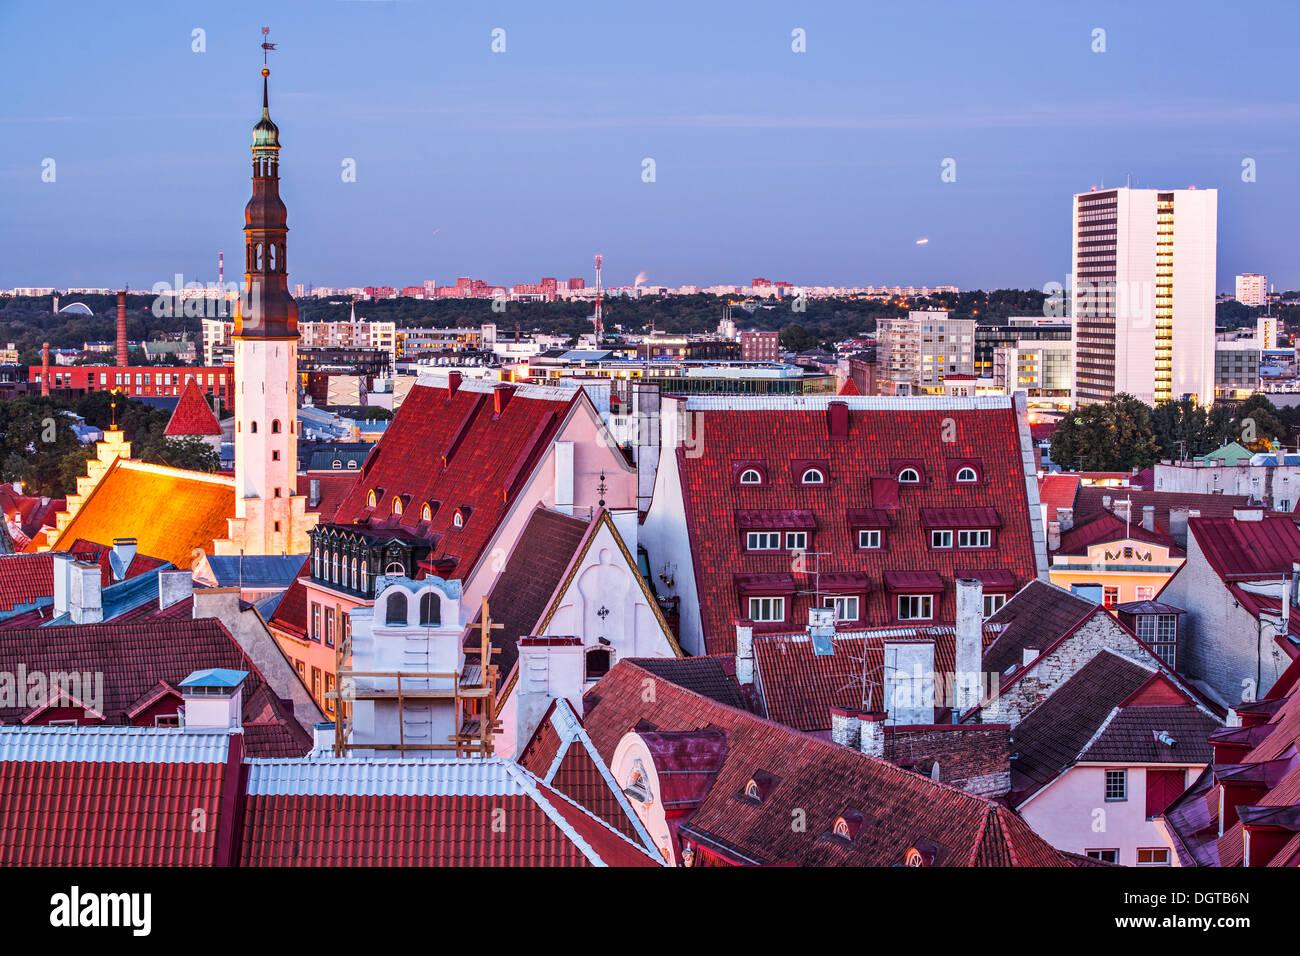 Skyline di Tallinn, Estonia presso la vecchia città. Immagini Stock